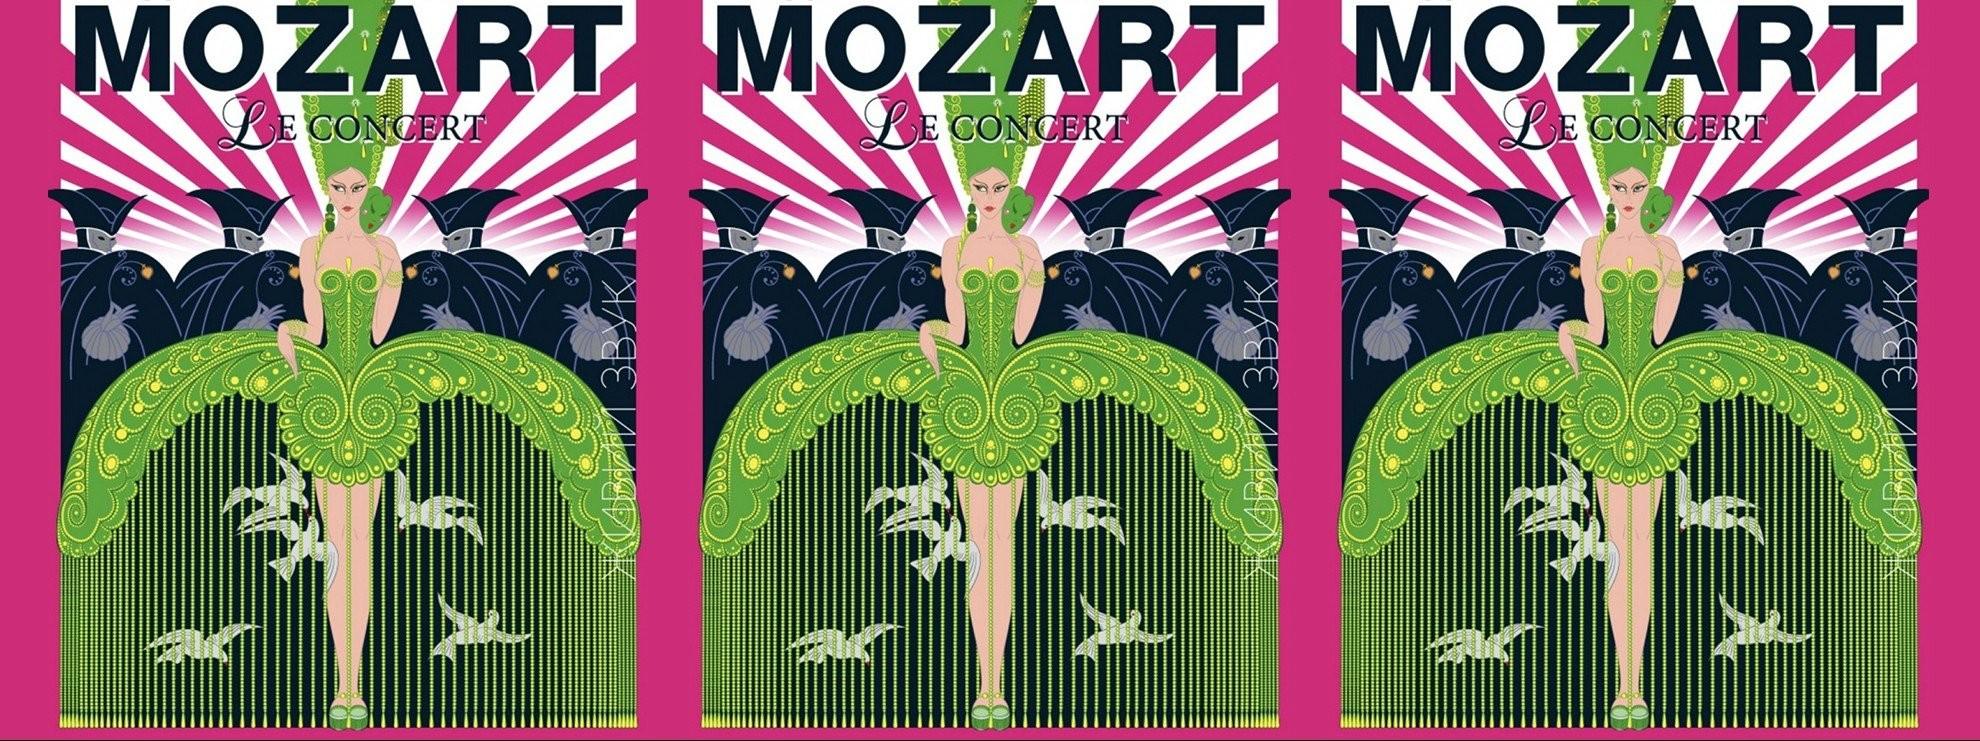 event Rock Mozart Le Concert